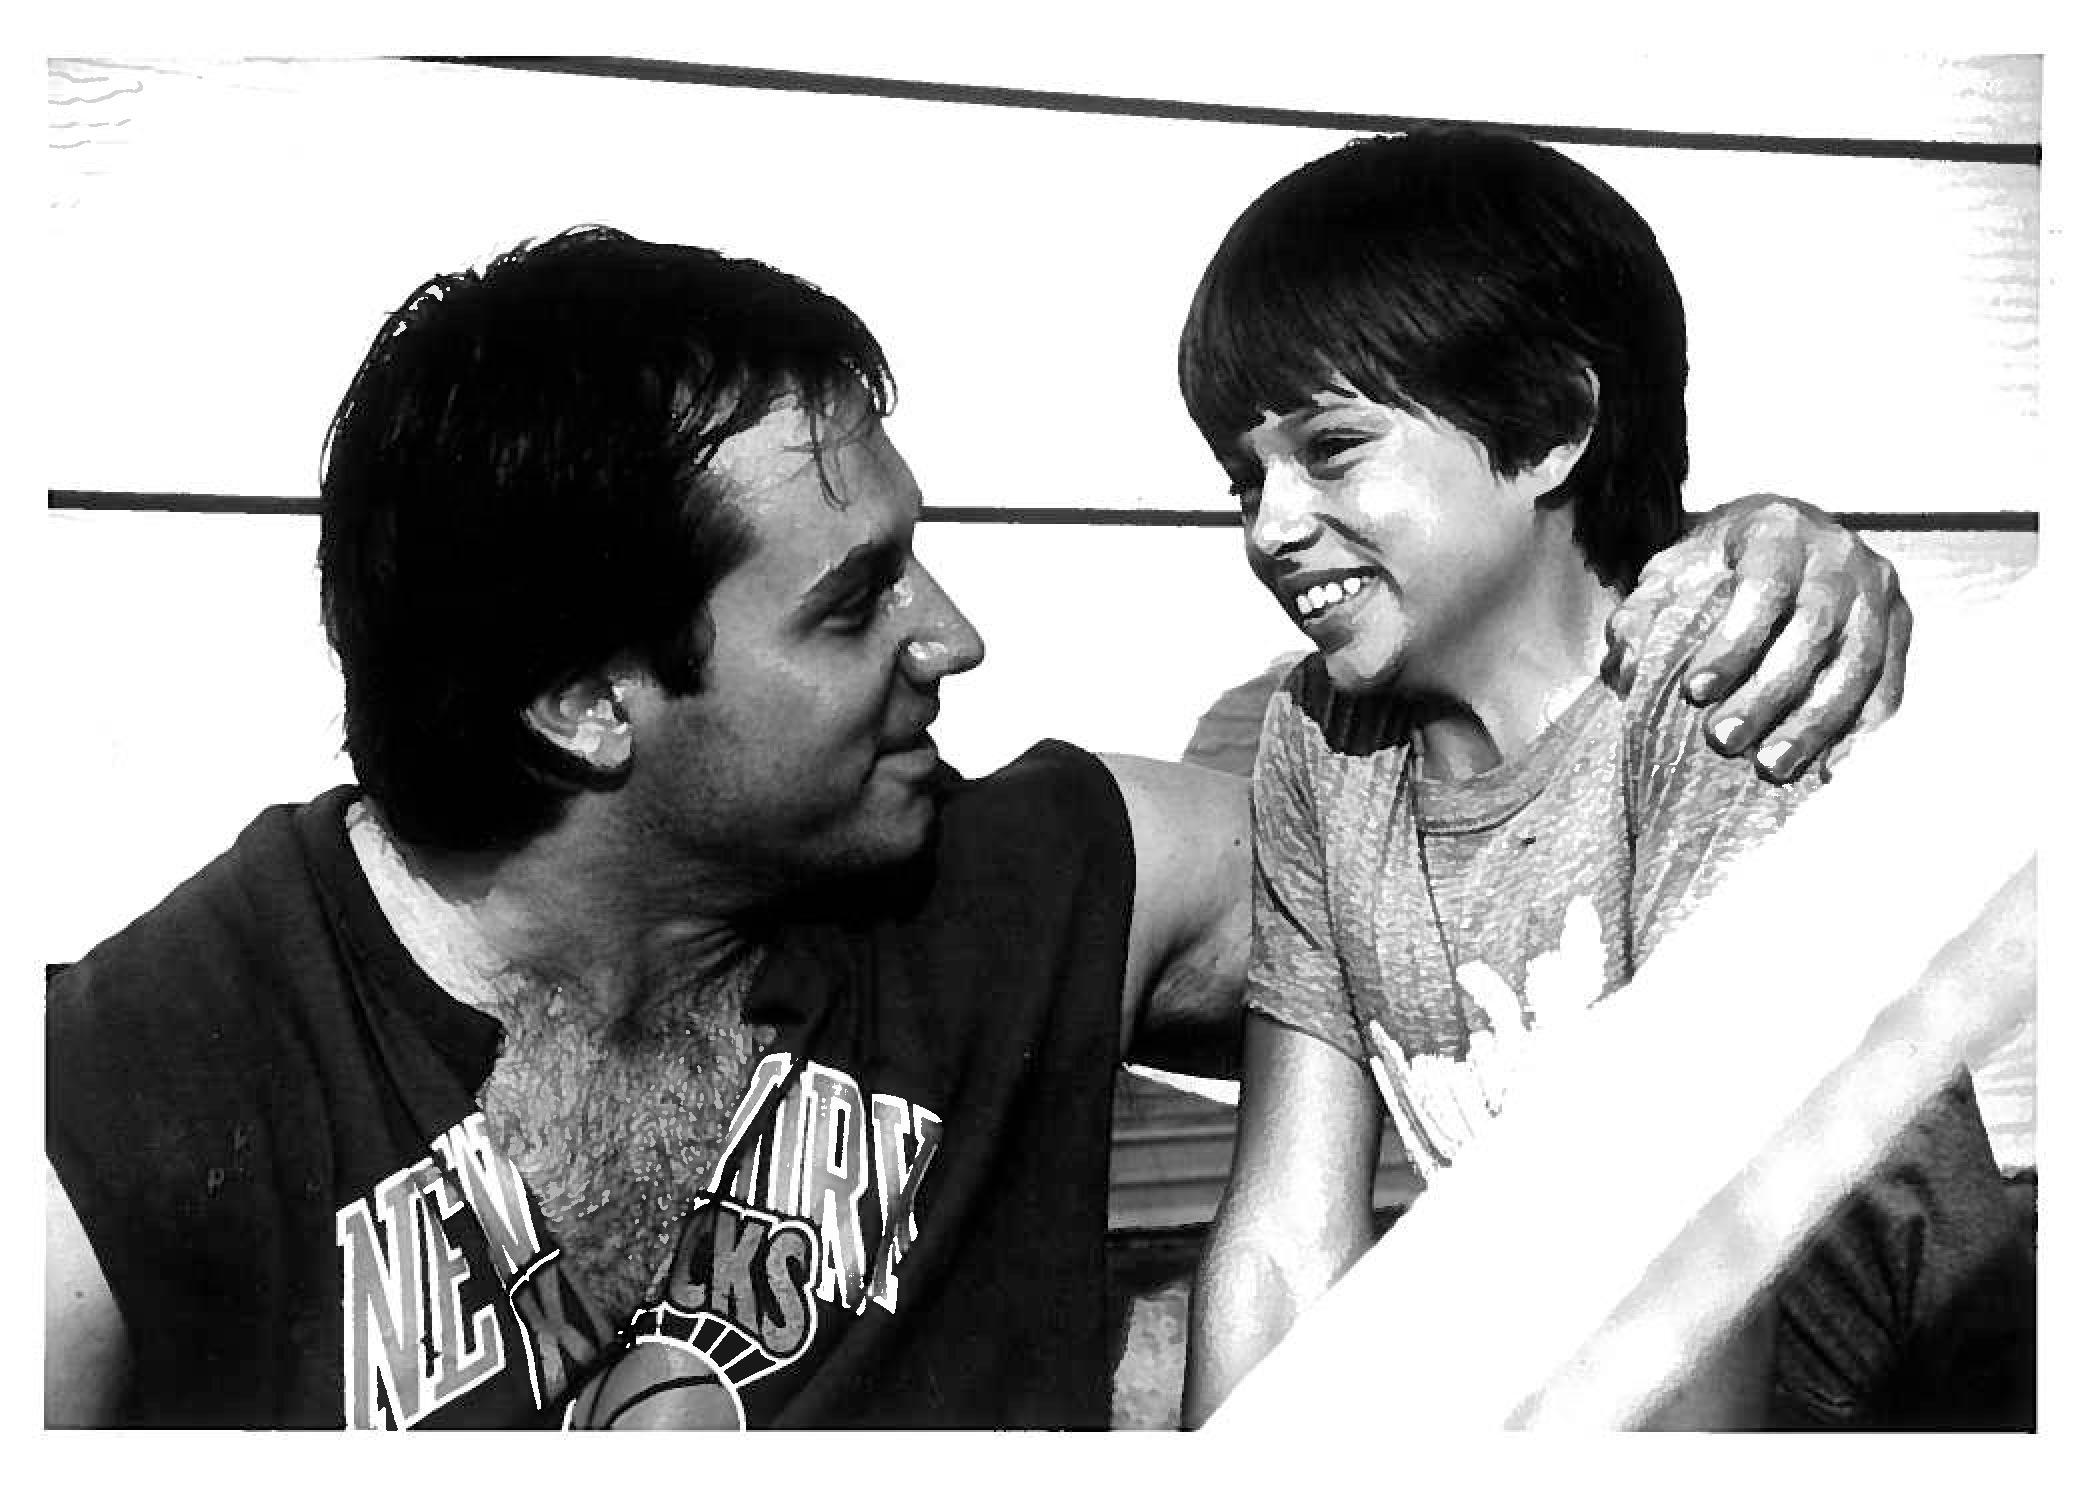 Kenny et père-page-001.jpg